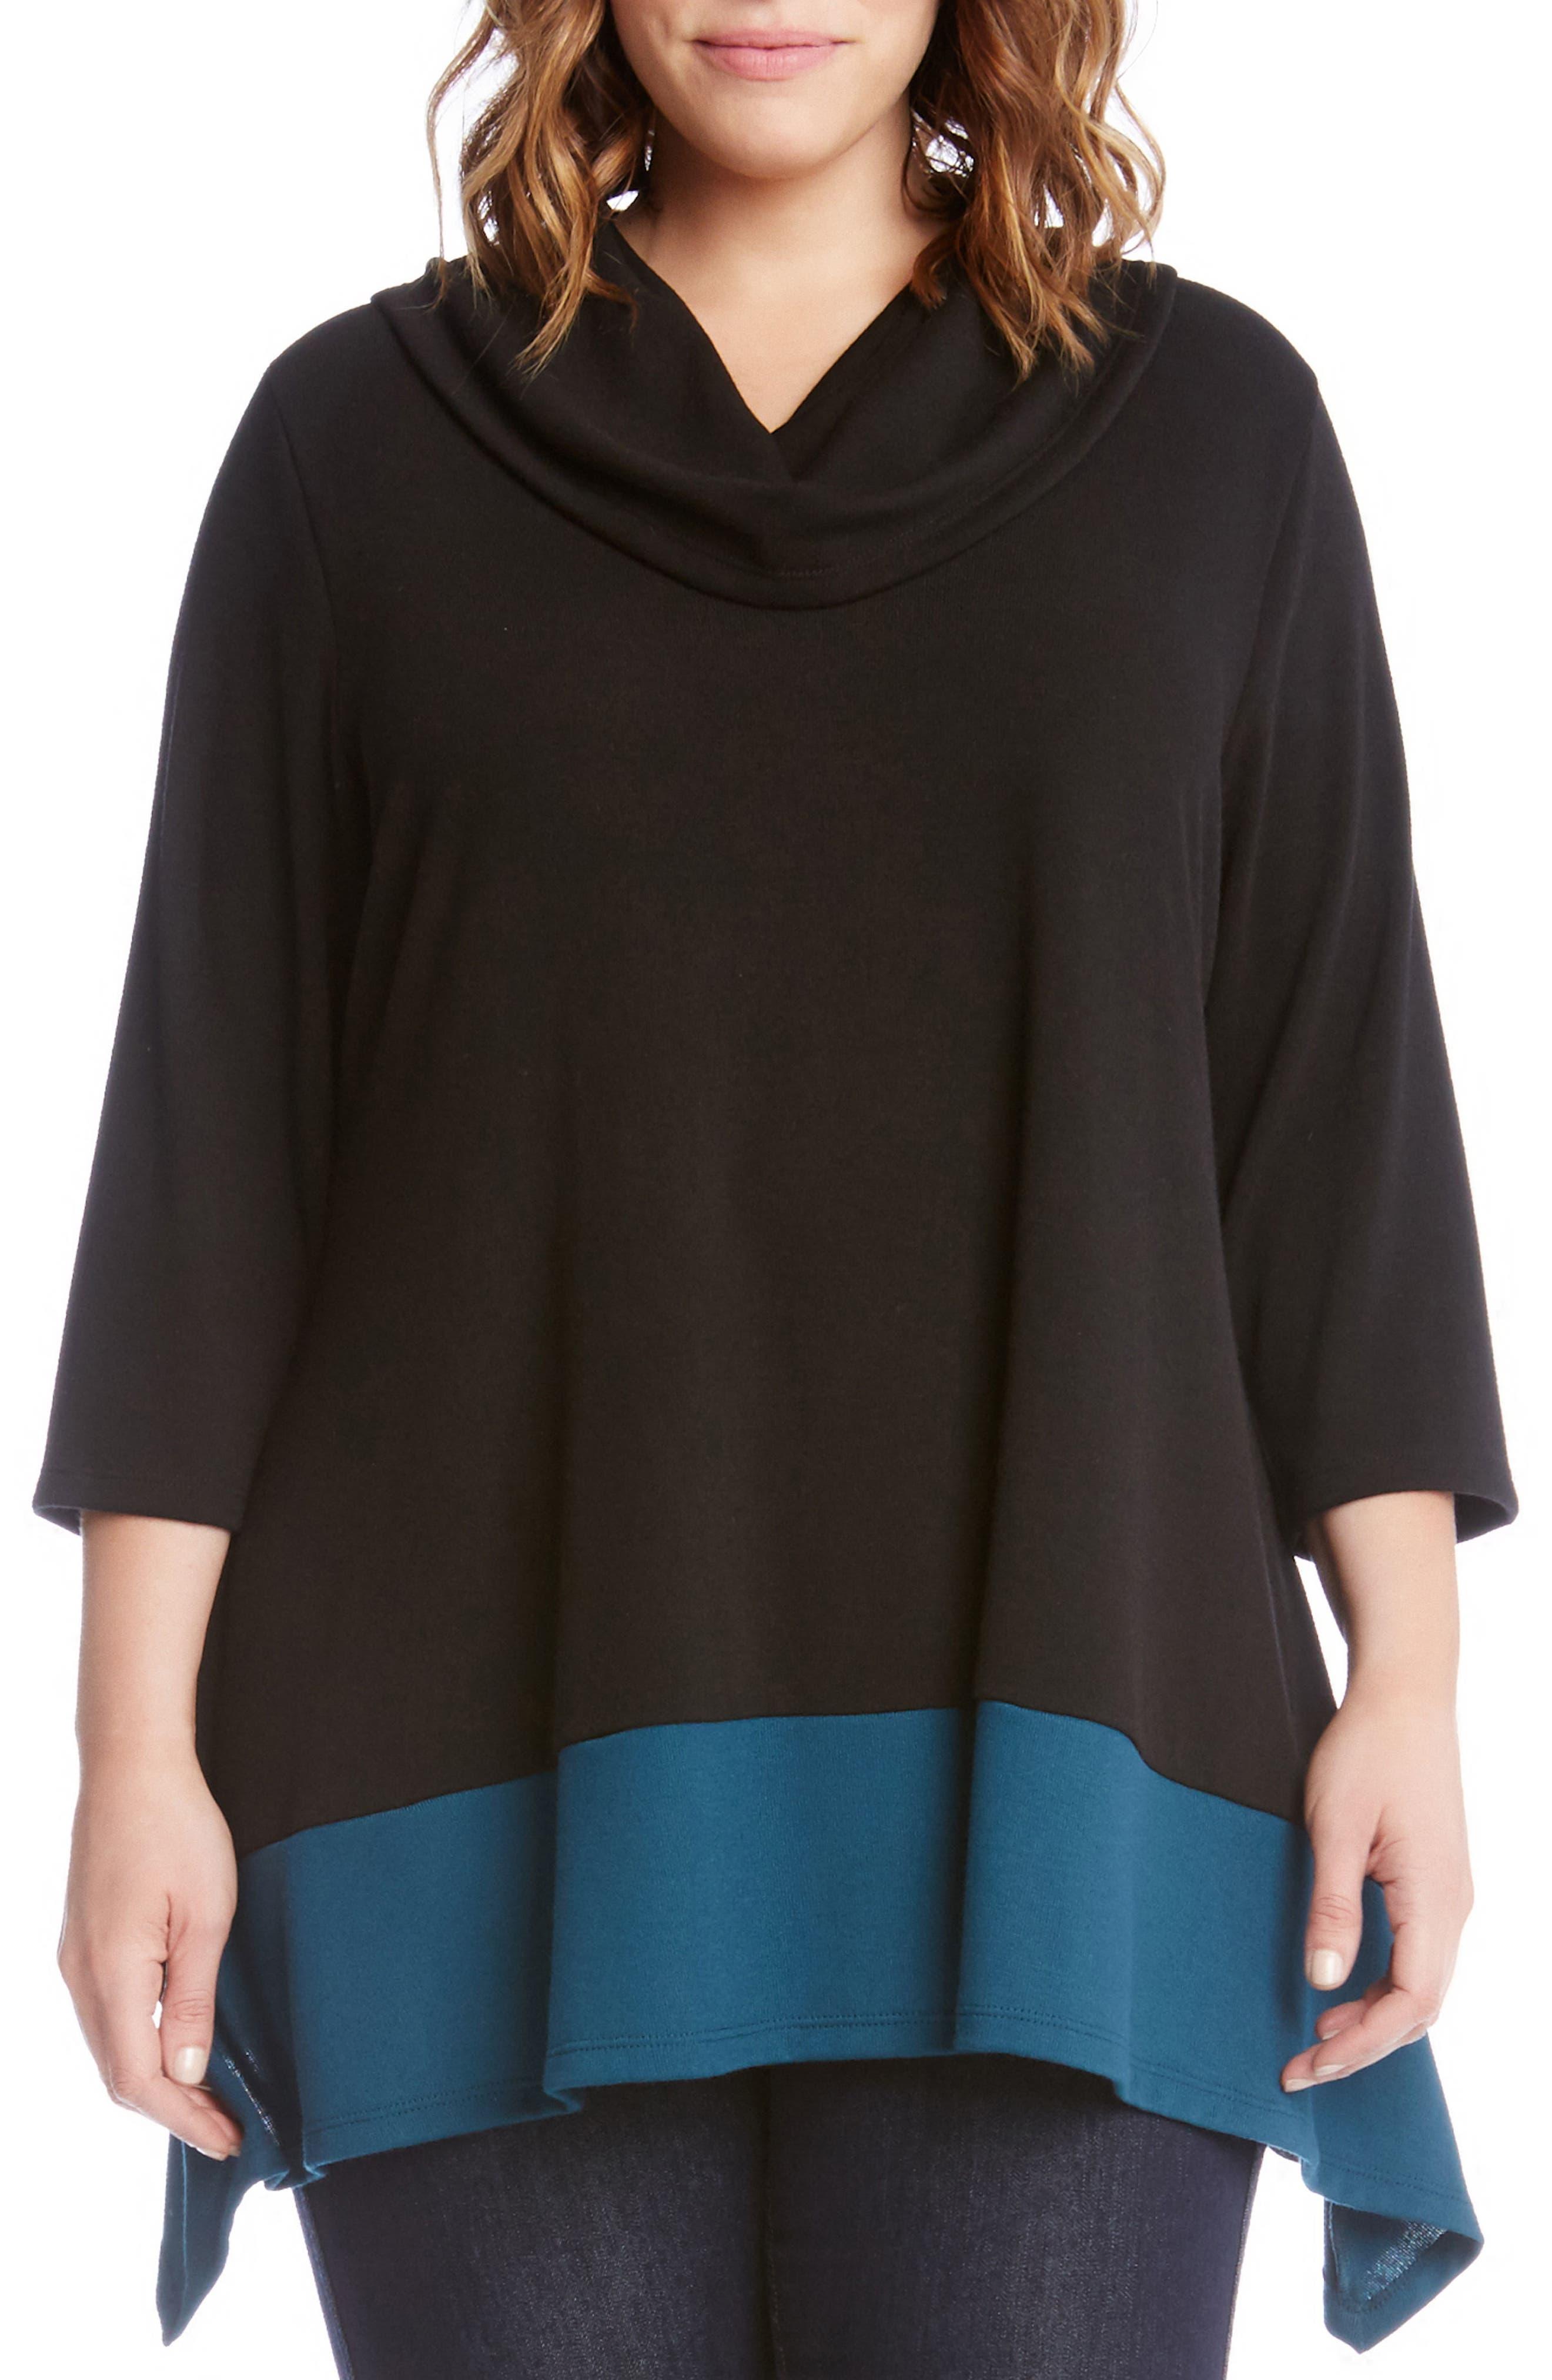 Main Image - Karen Kane Colorblock Hem Sweater (Plus Size)